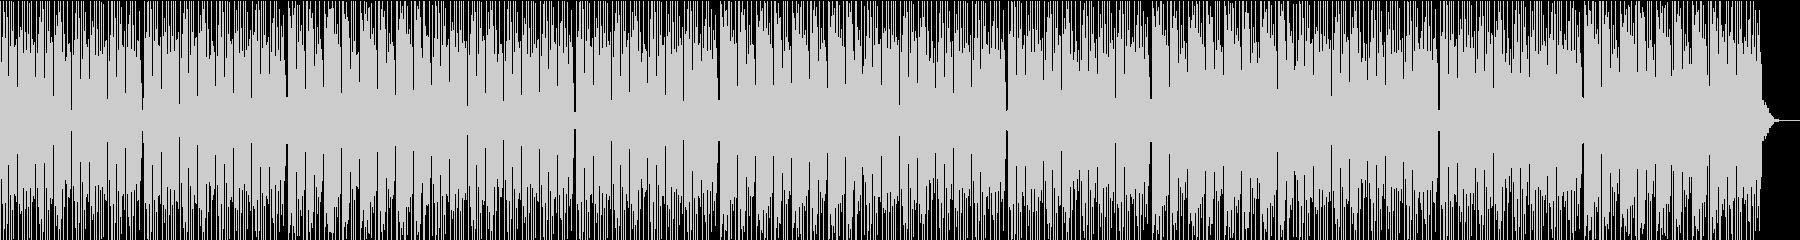 おまぬけコミカルの未再生の波形